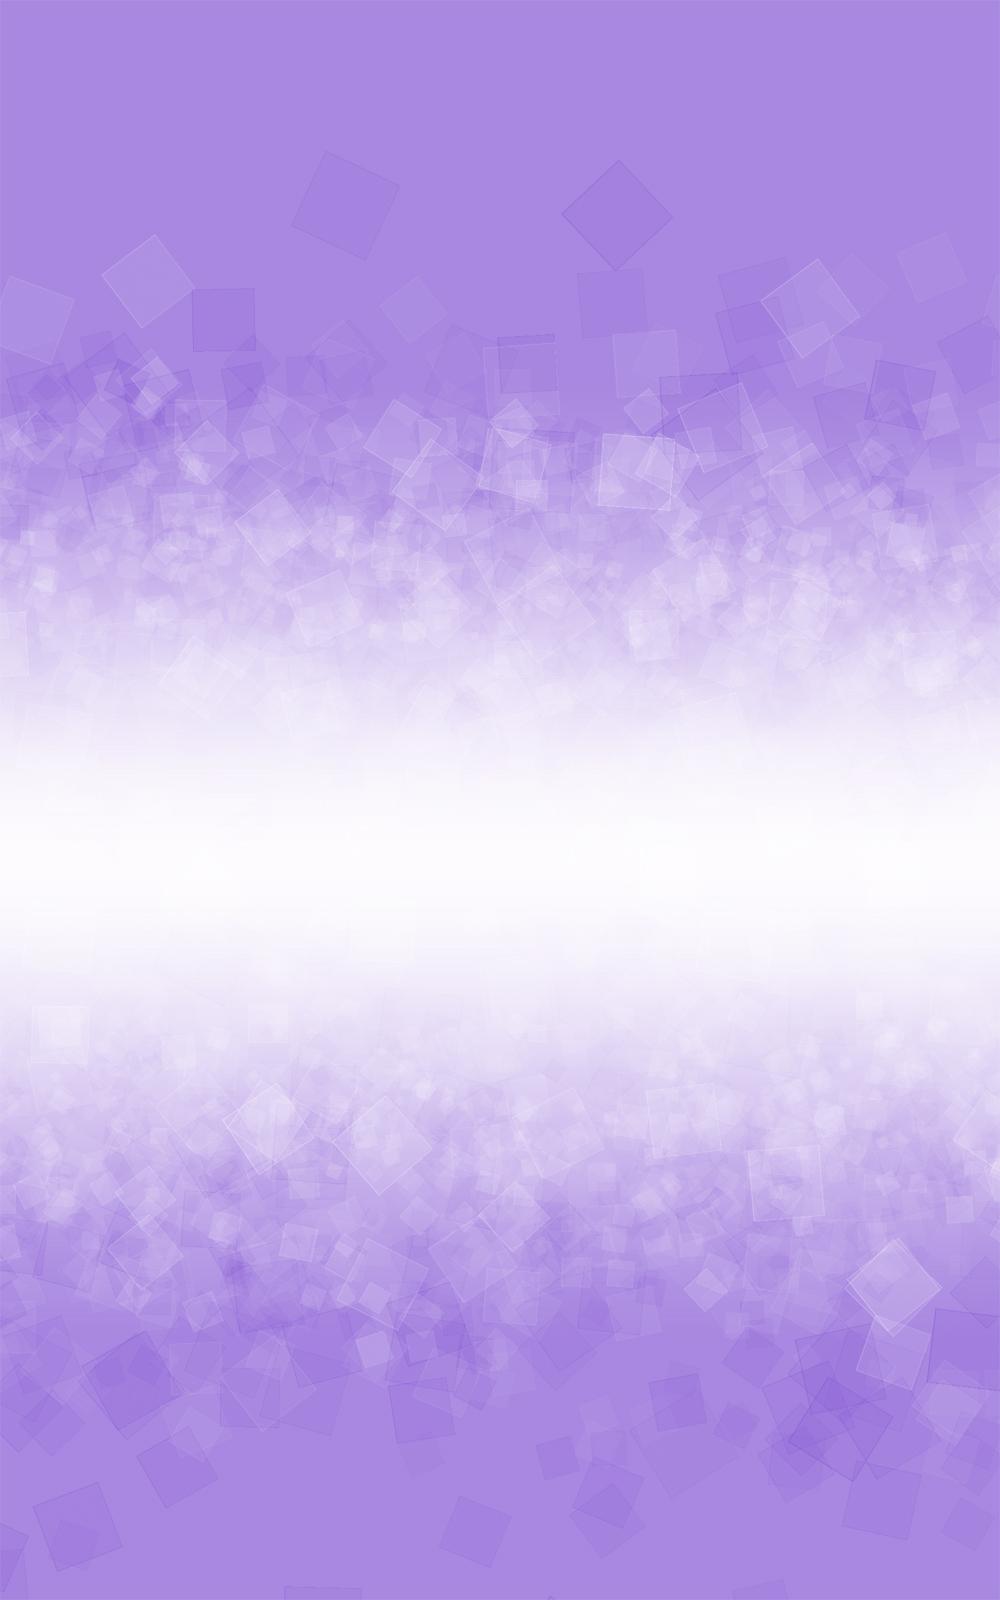 キラキラした抽象的な表紙画像(3d)